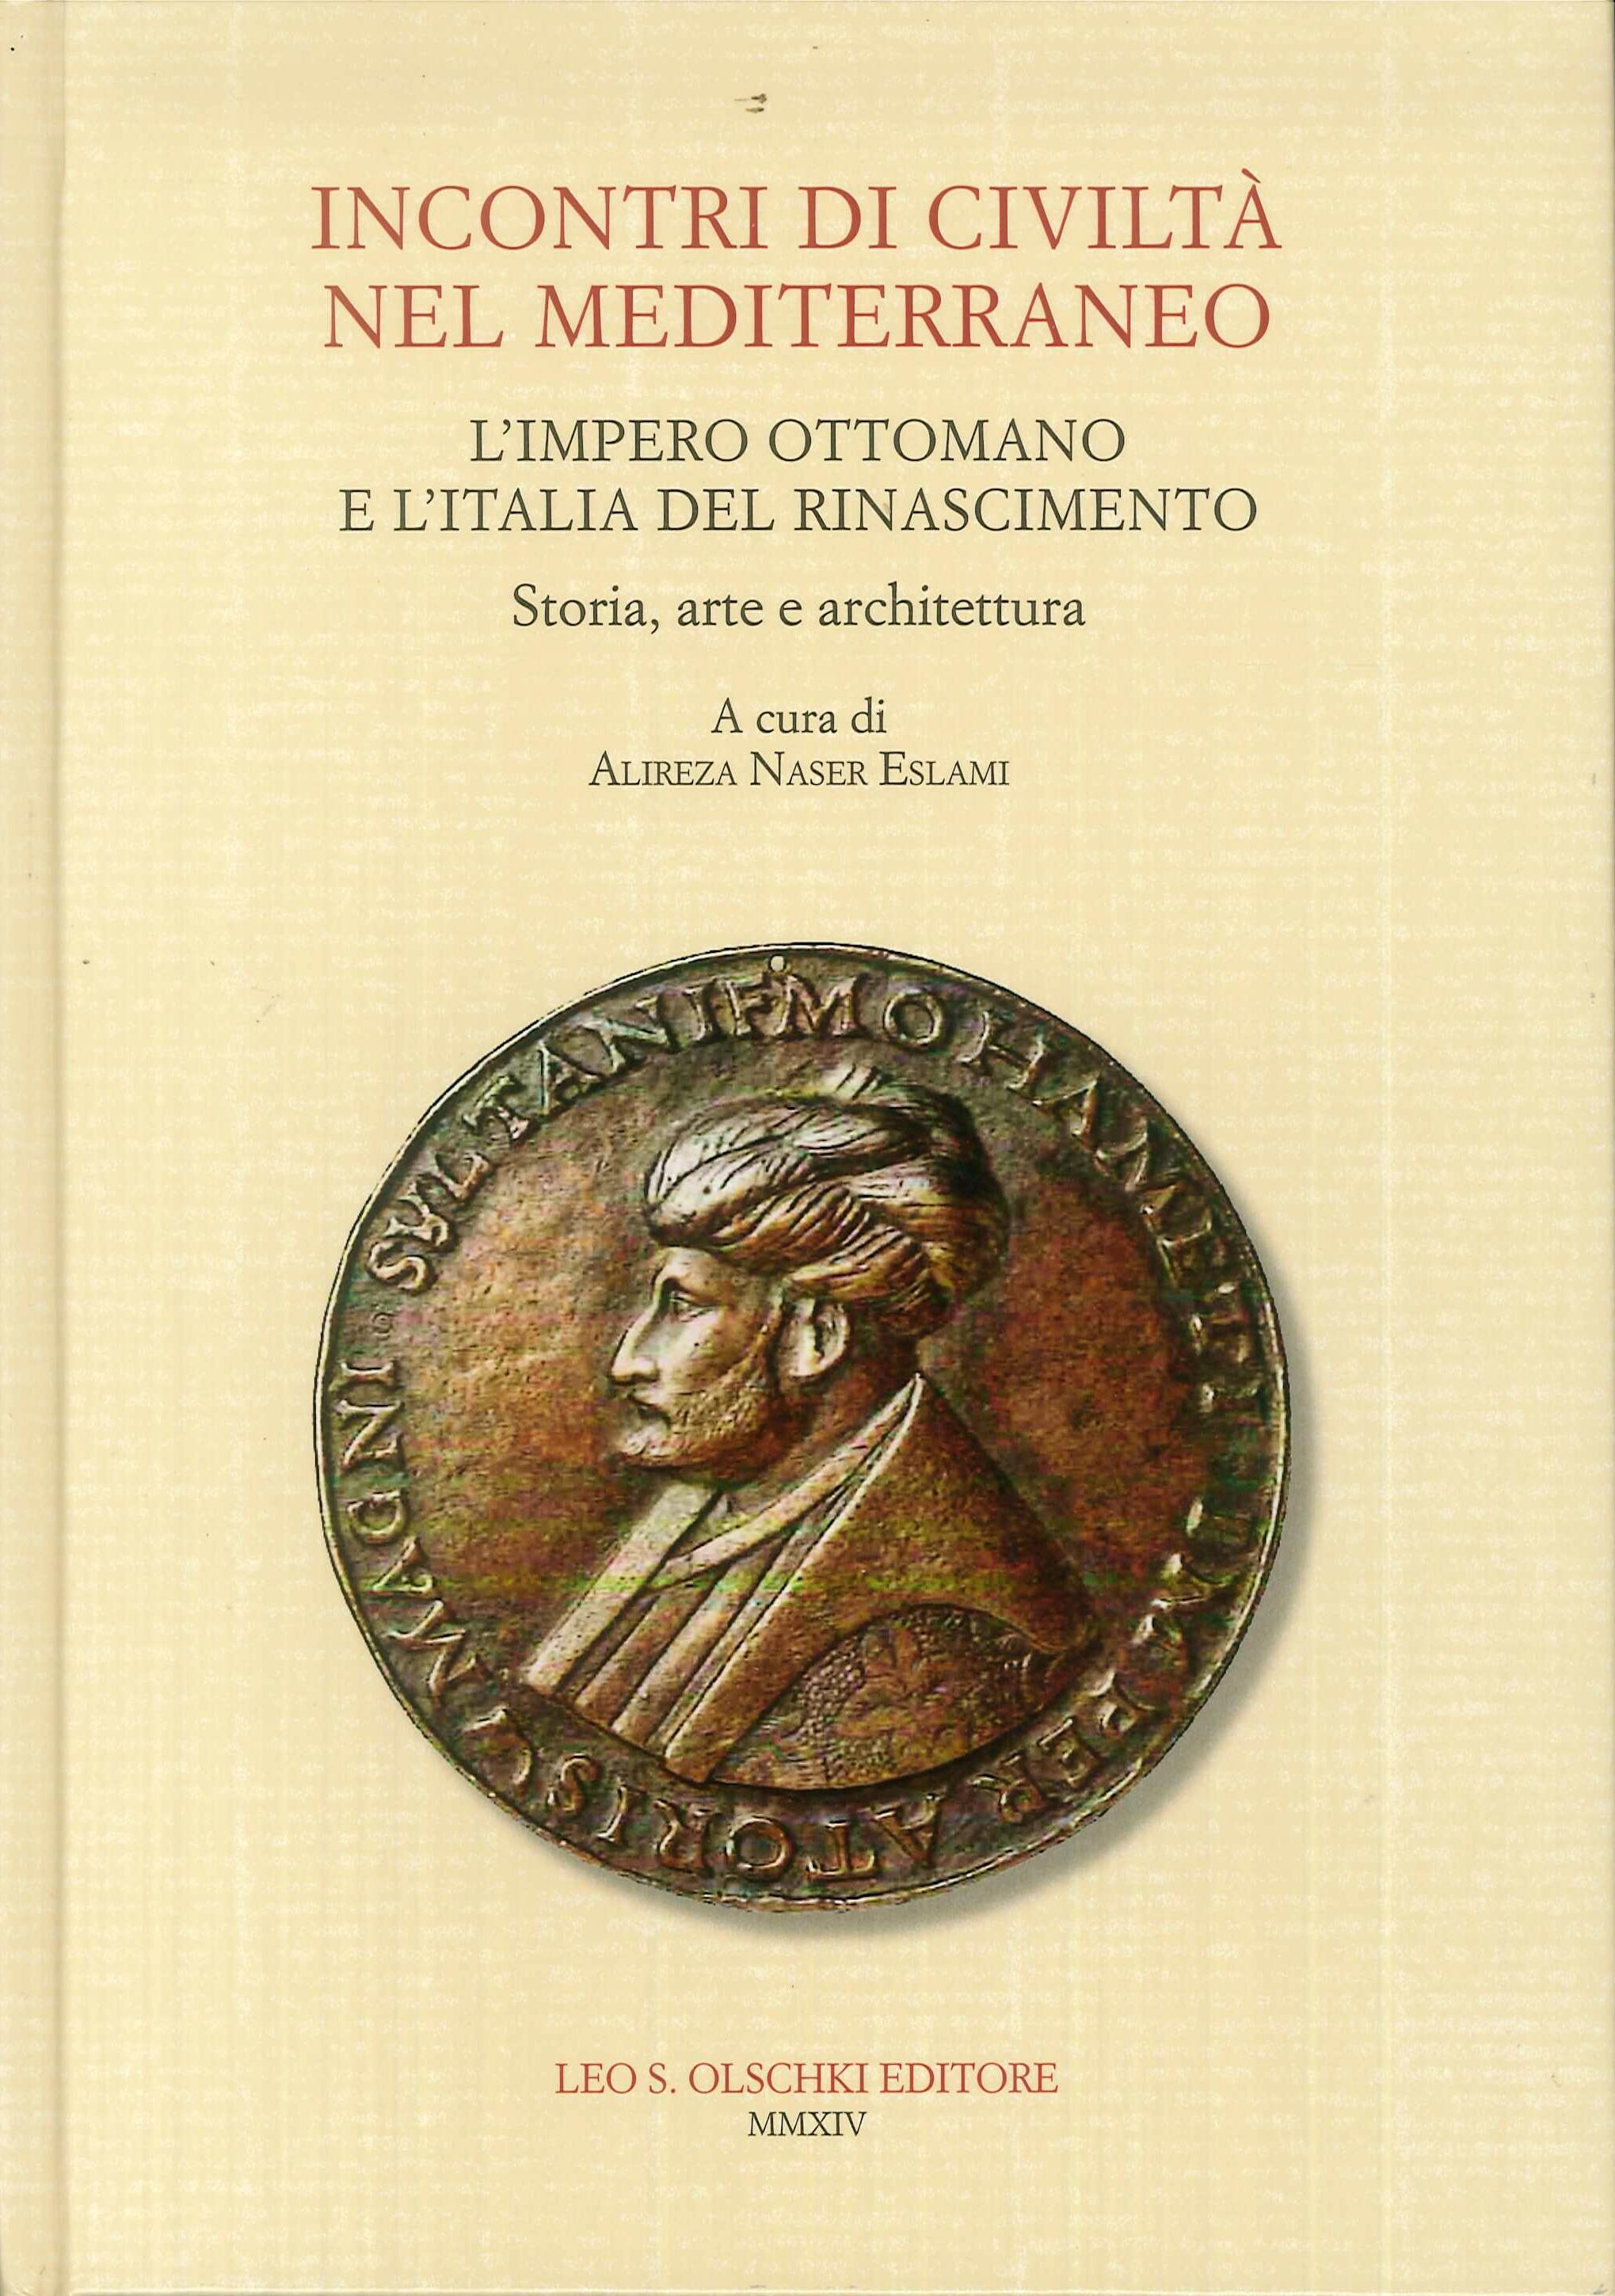 Incontri di civiltà nel Mediterraneo. L'Impero Ottomano e l'Italia del Rinascimento. Storia, arte e architettura.